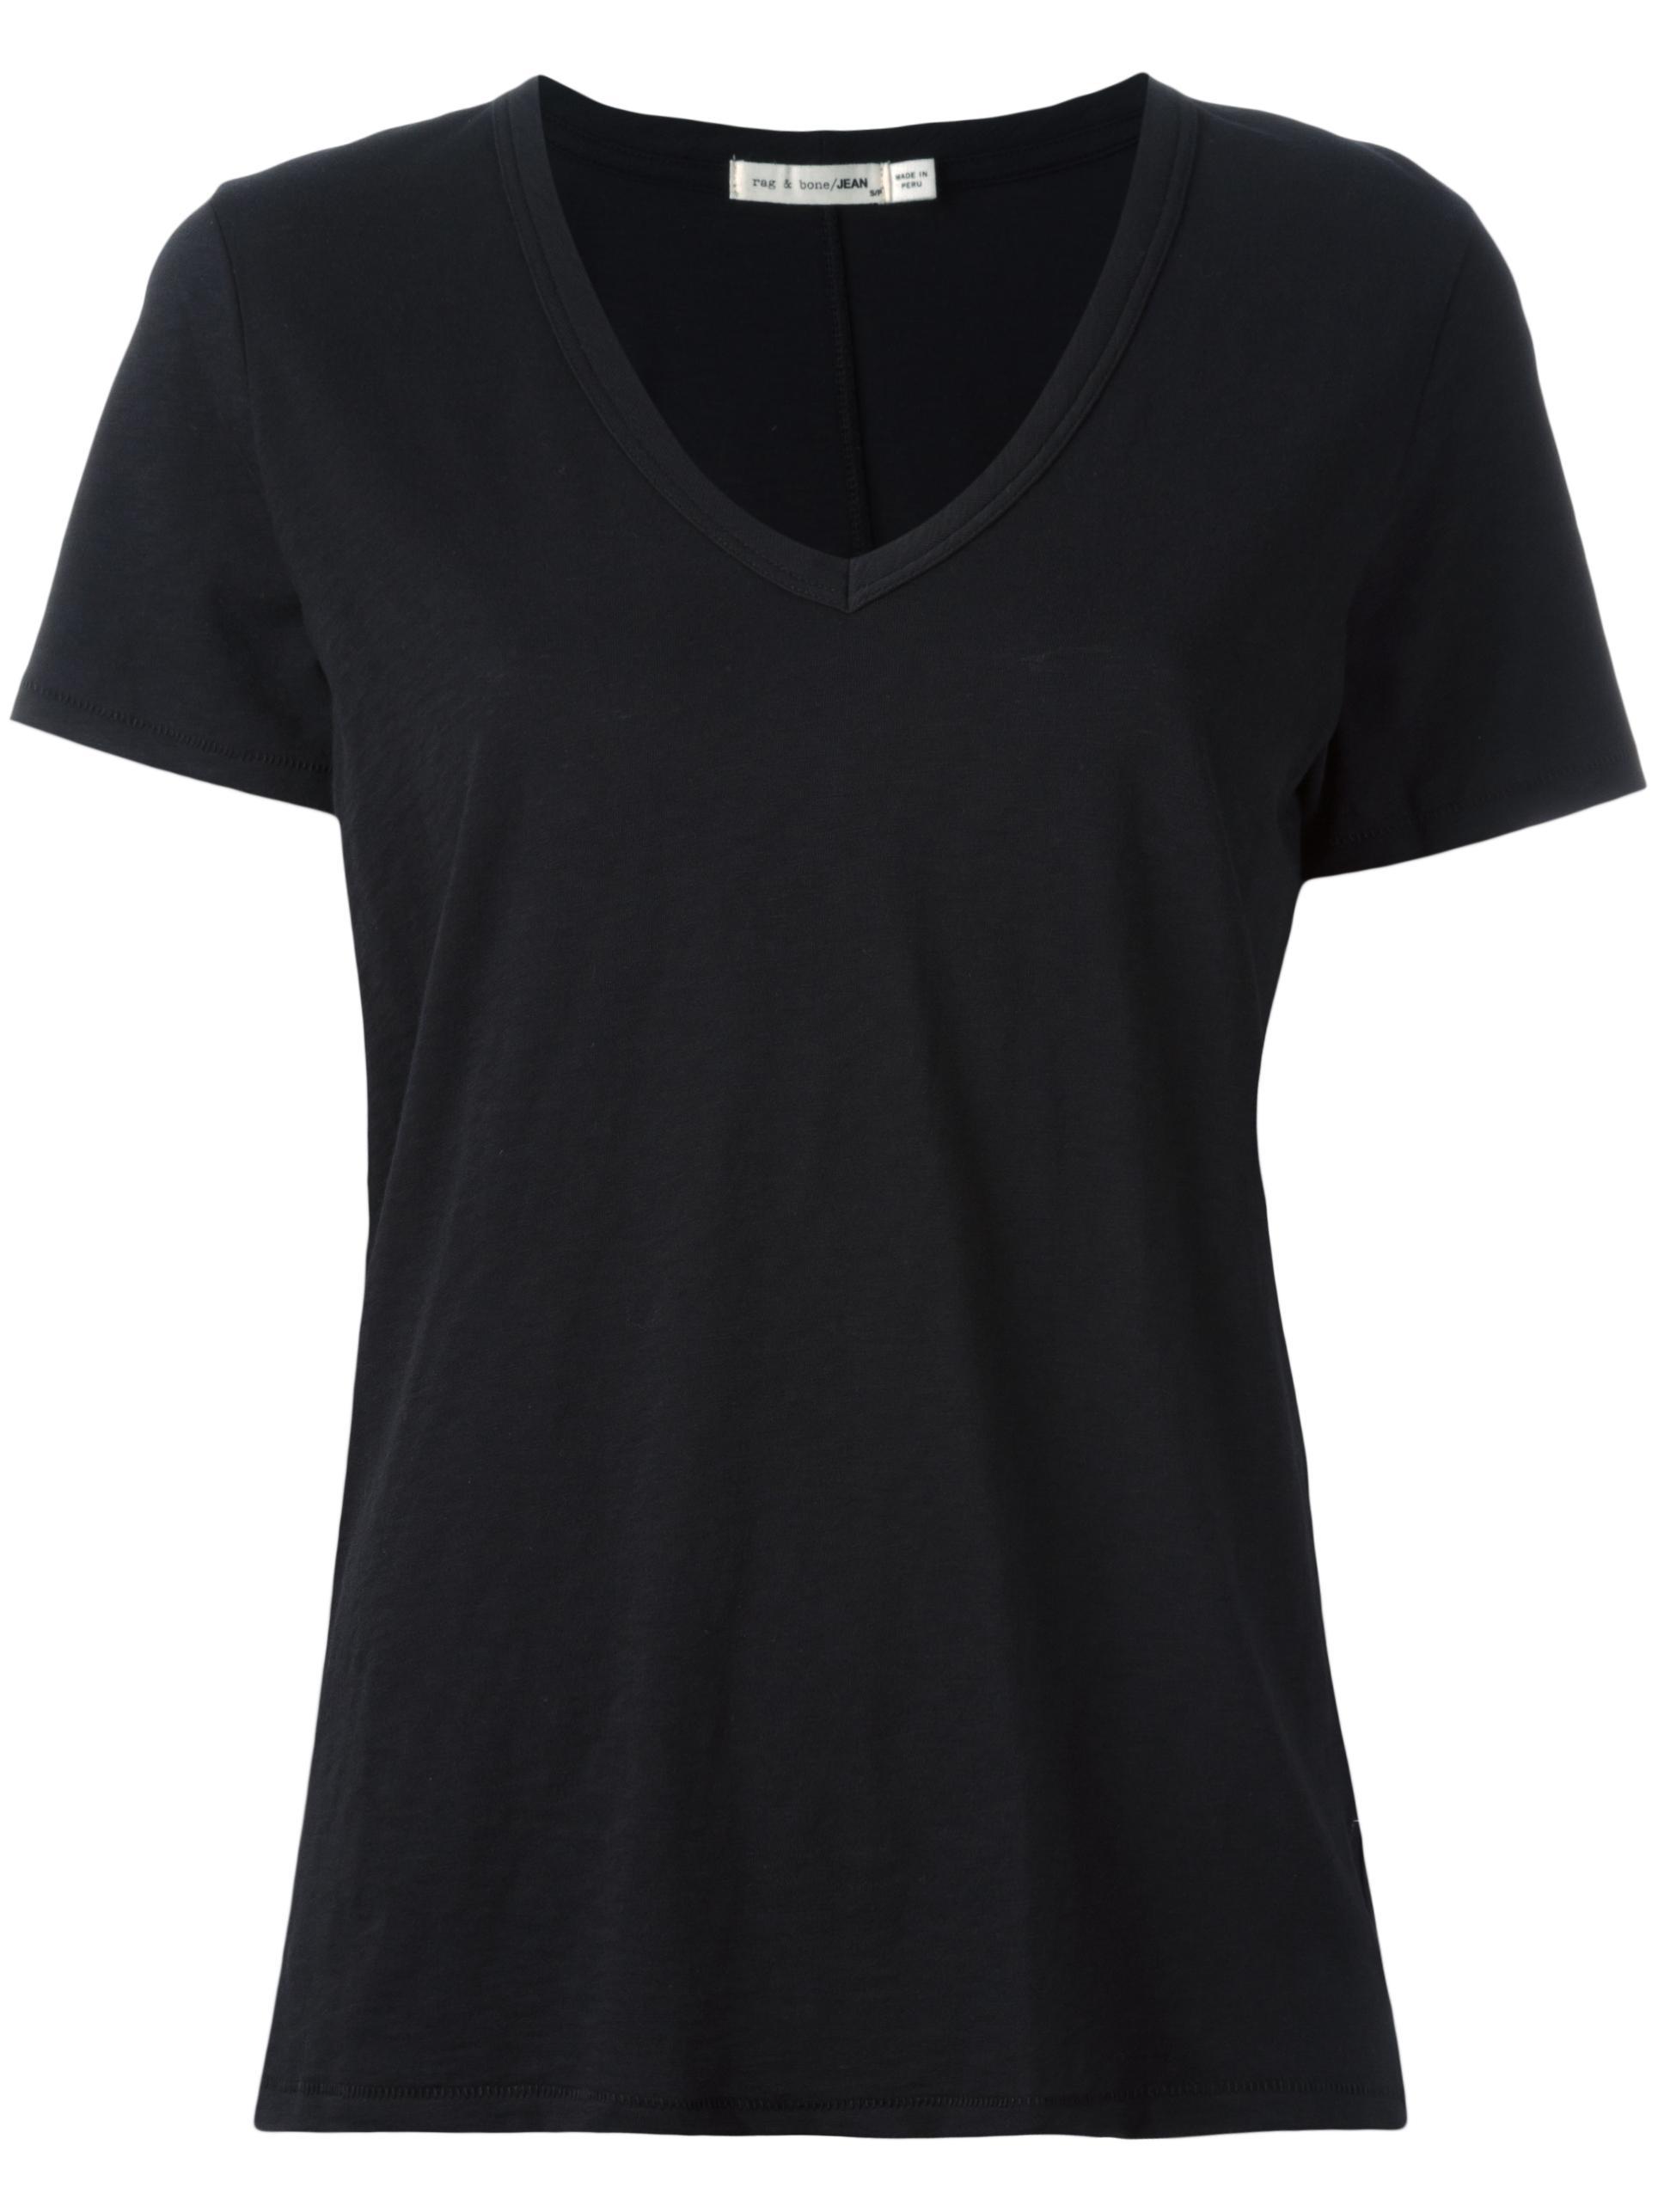 The V Neck Shirt Item # W272C34CH